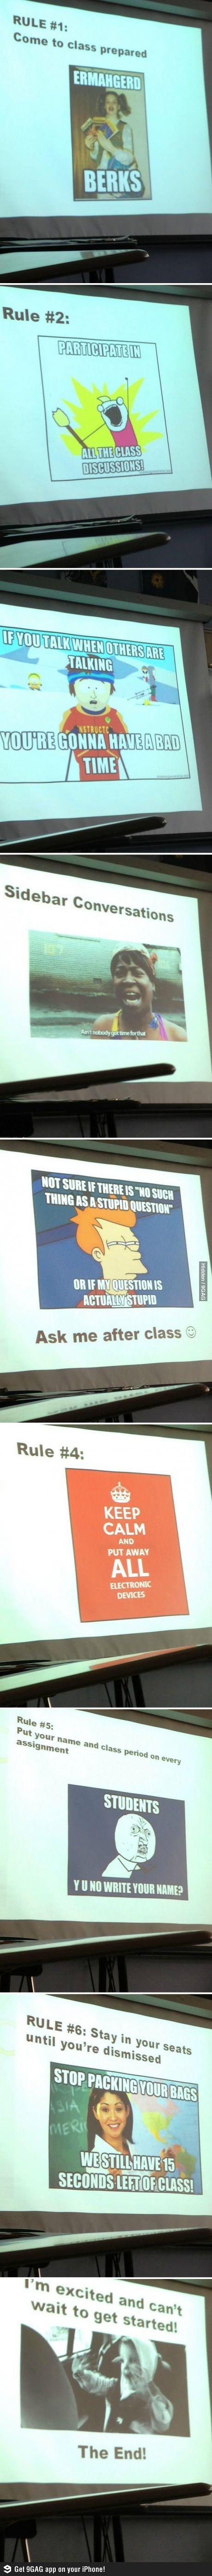 ➤ See the best Facebook fan page for Pinterest Humor! #meme https://www.facebook.com/pinteresthumor